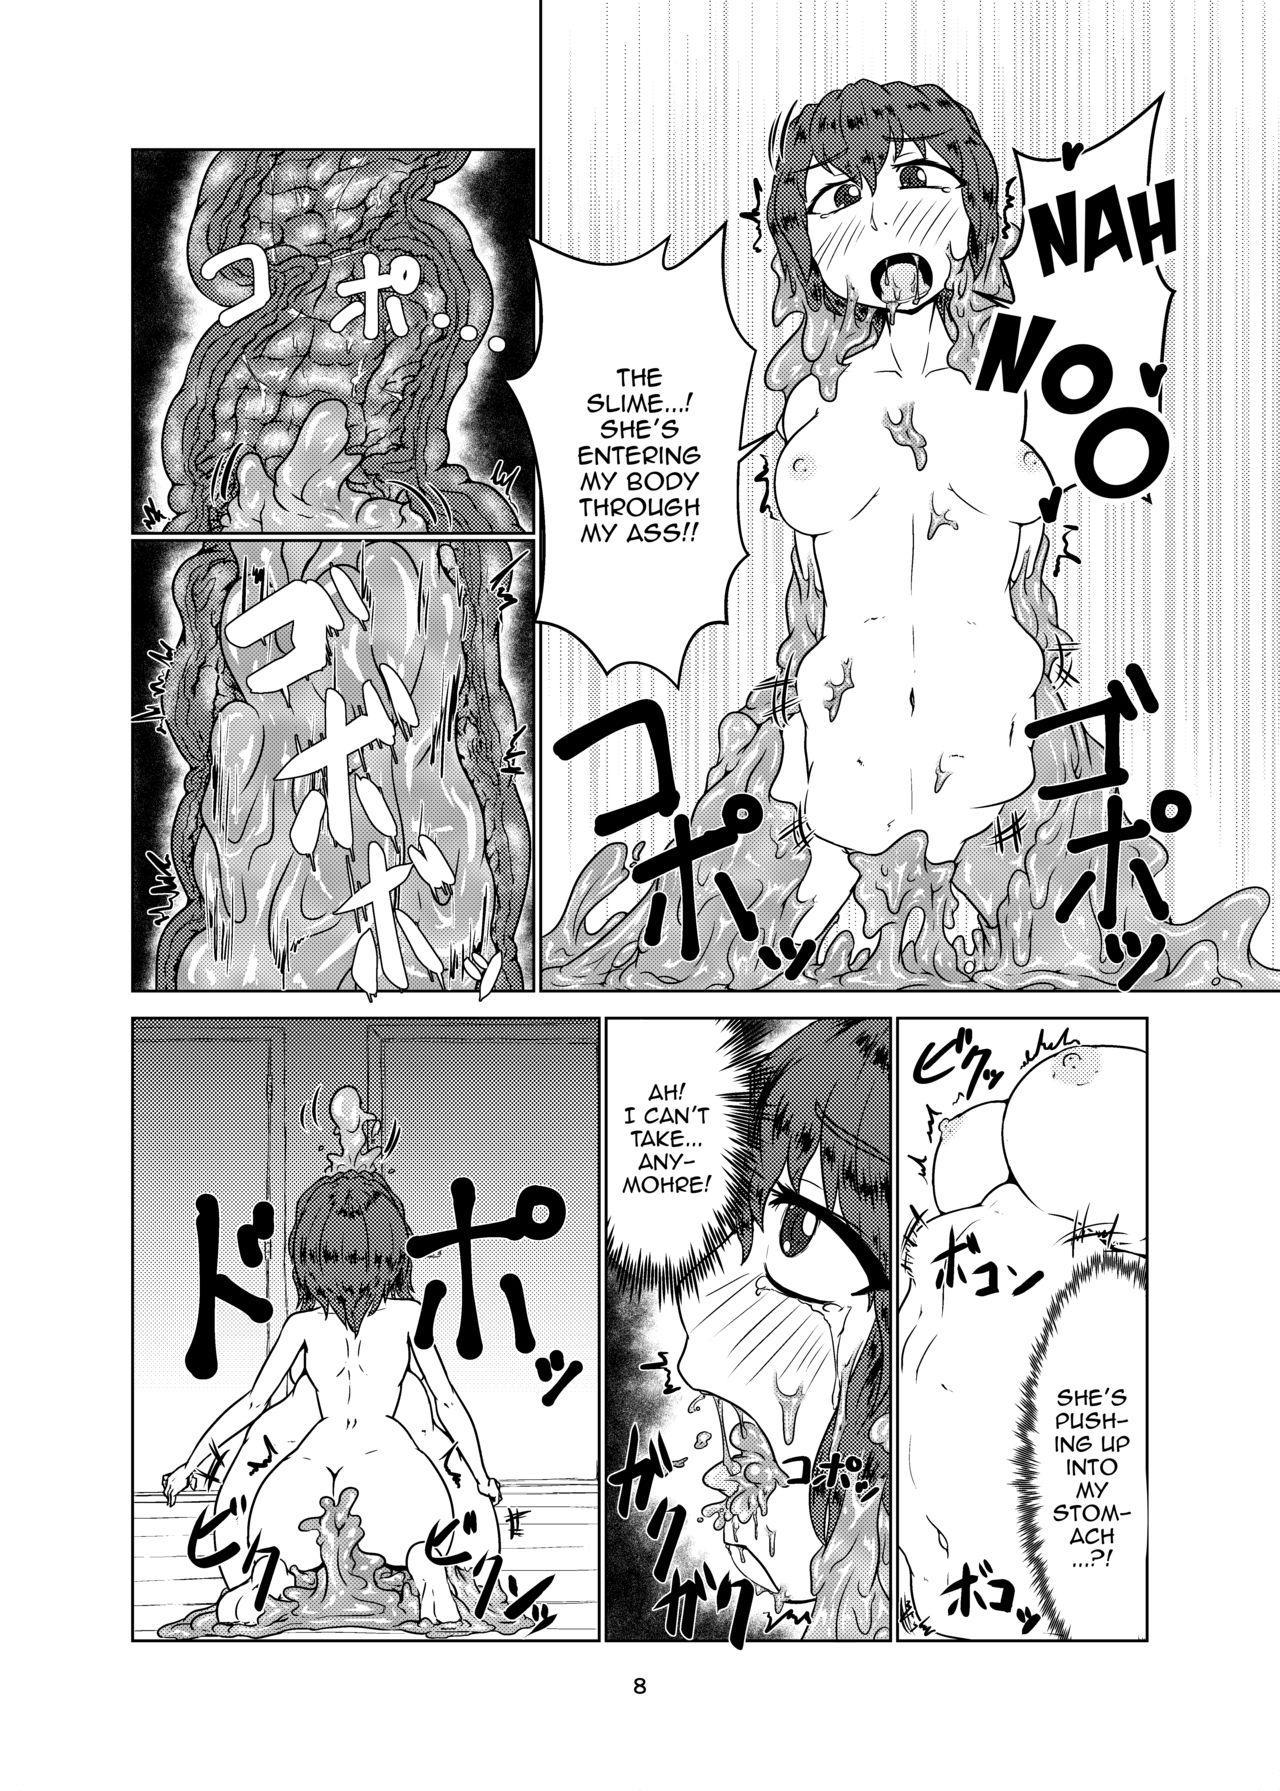 [Toufuya (Kanatofu)] Watashi no Ane wa Slime Musume - 2-kame - [English] [Zero Translations] [Digital] 7